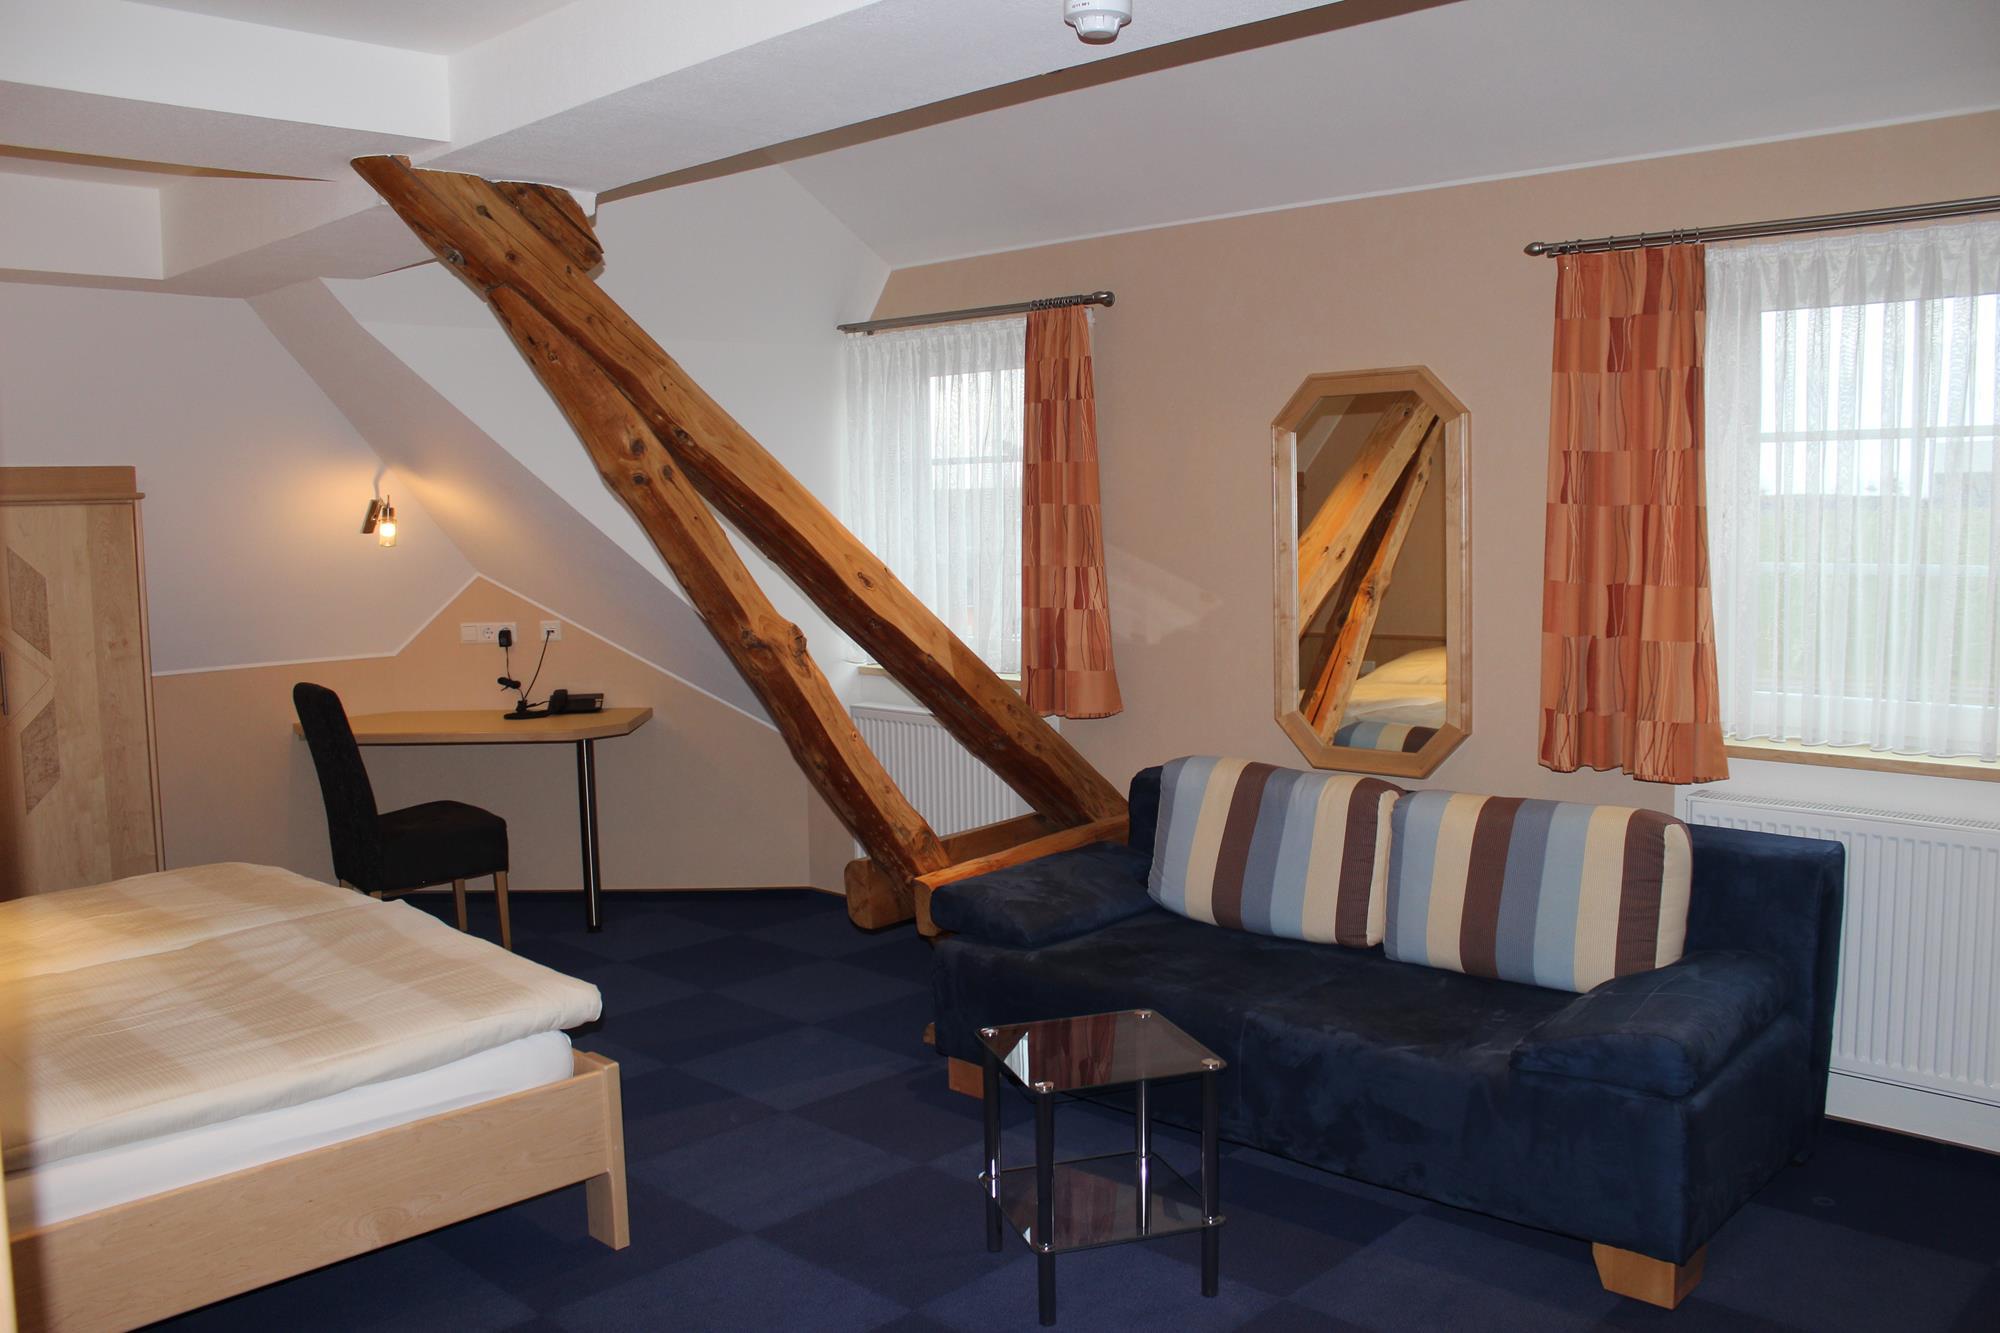 Chambre double avec terrasse et vue panoramique chambres for Chambre avec vues